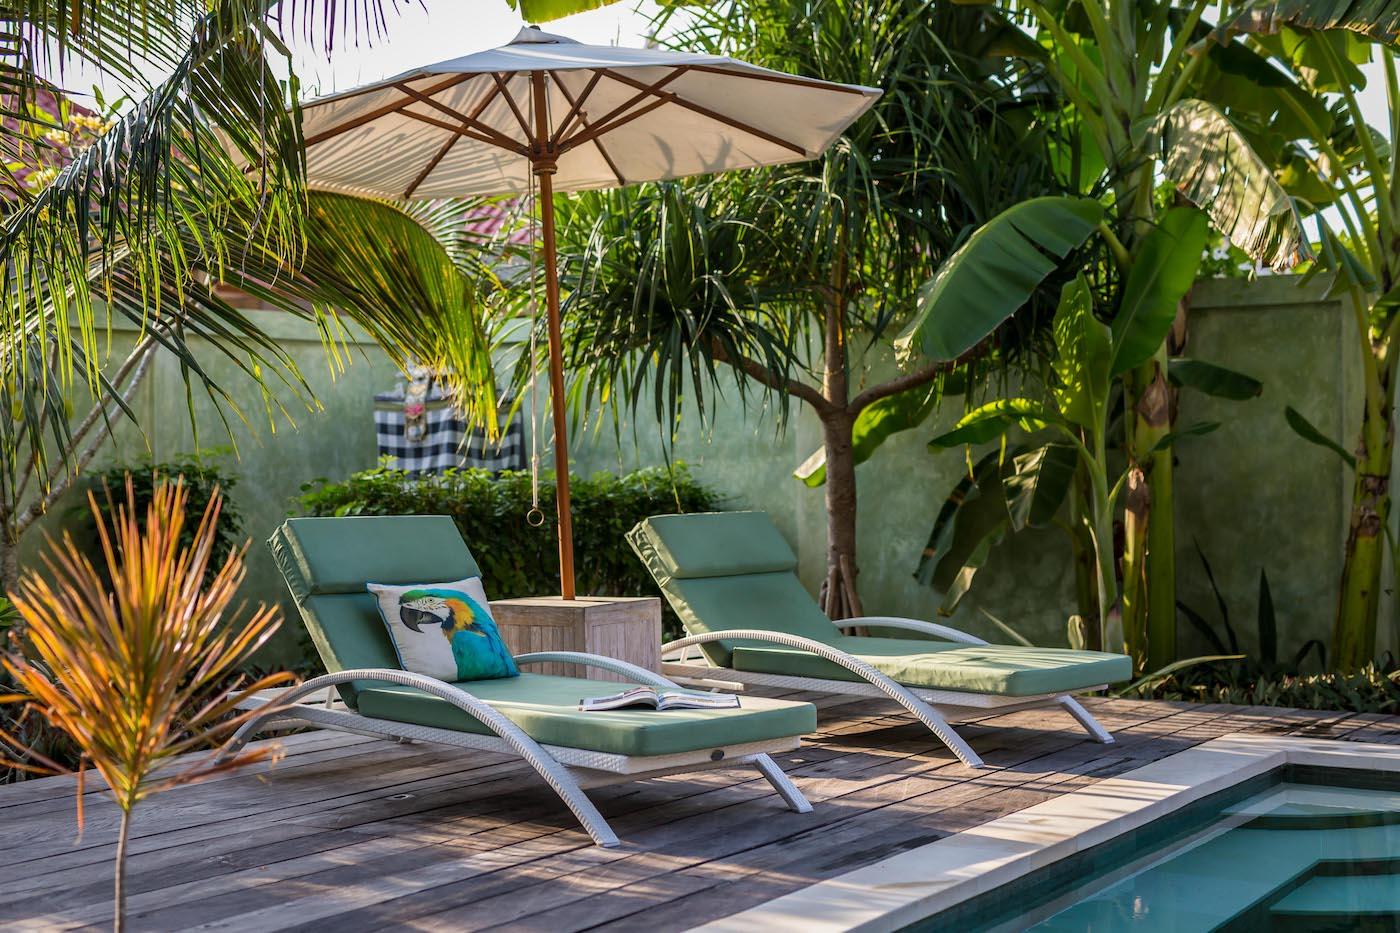 pool_loungers.jpg